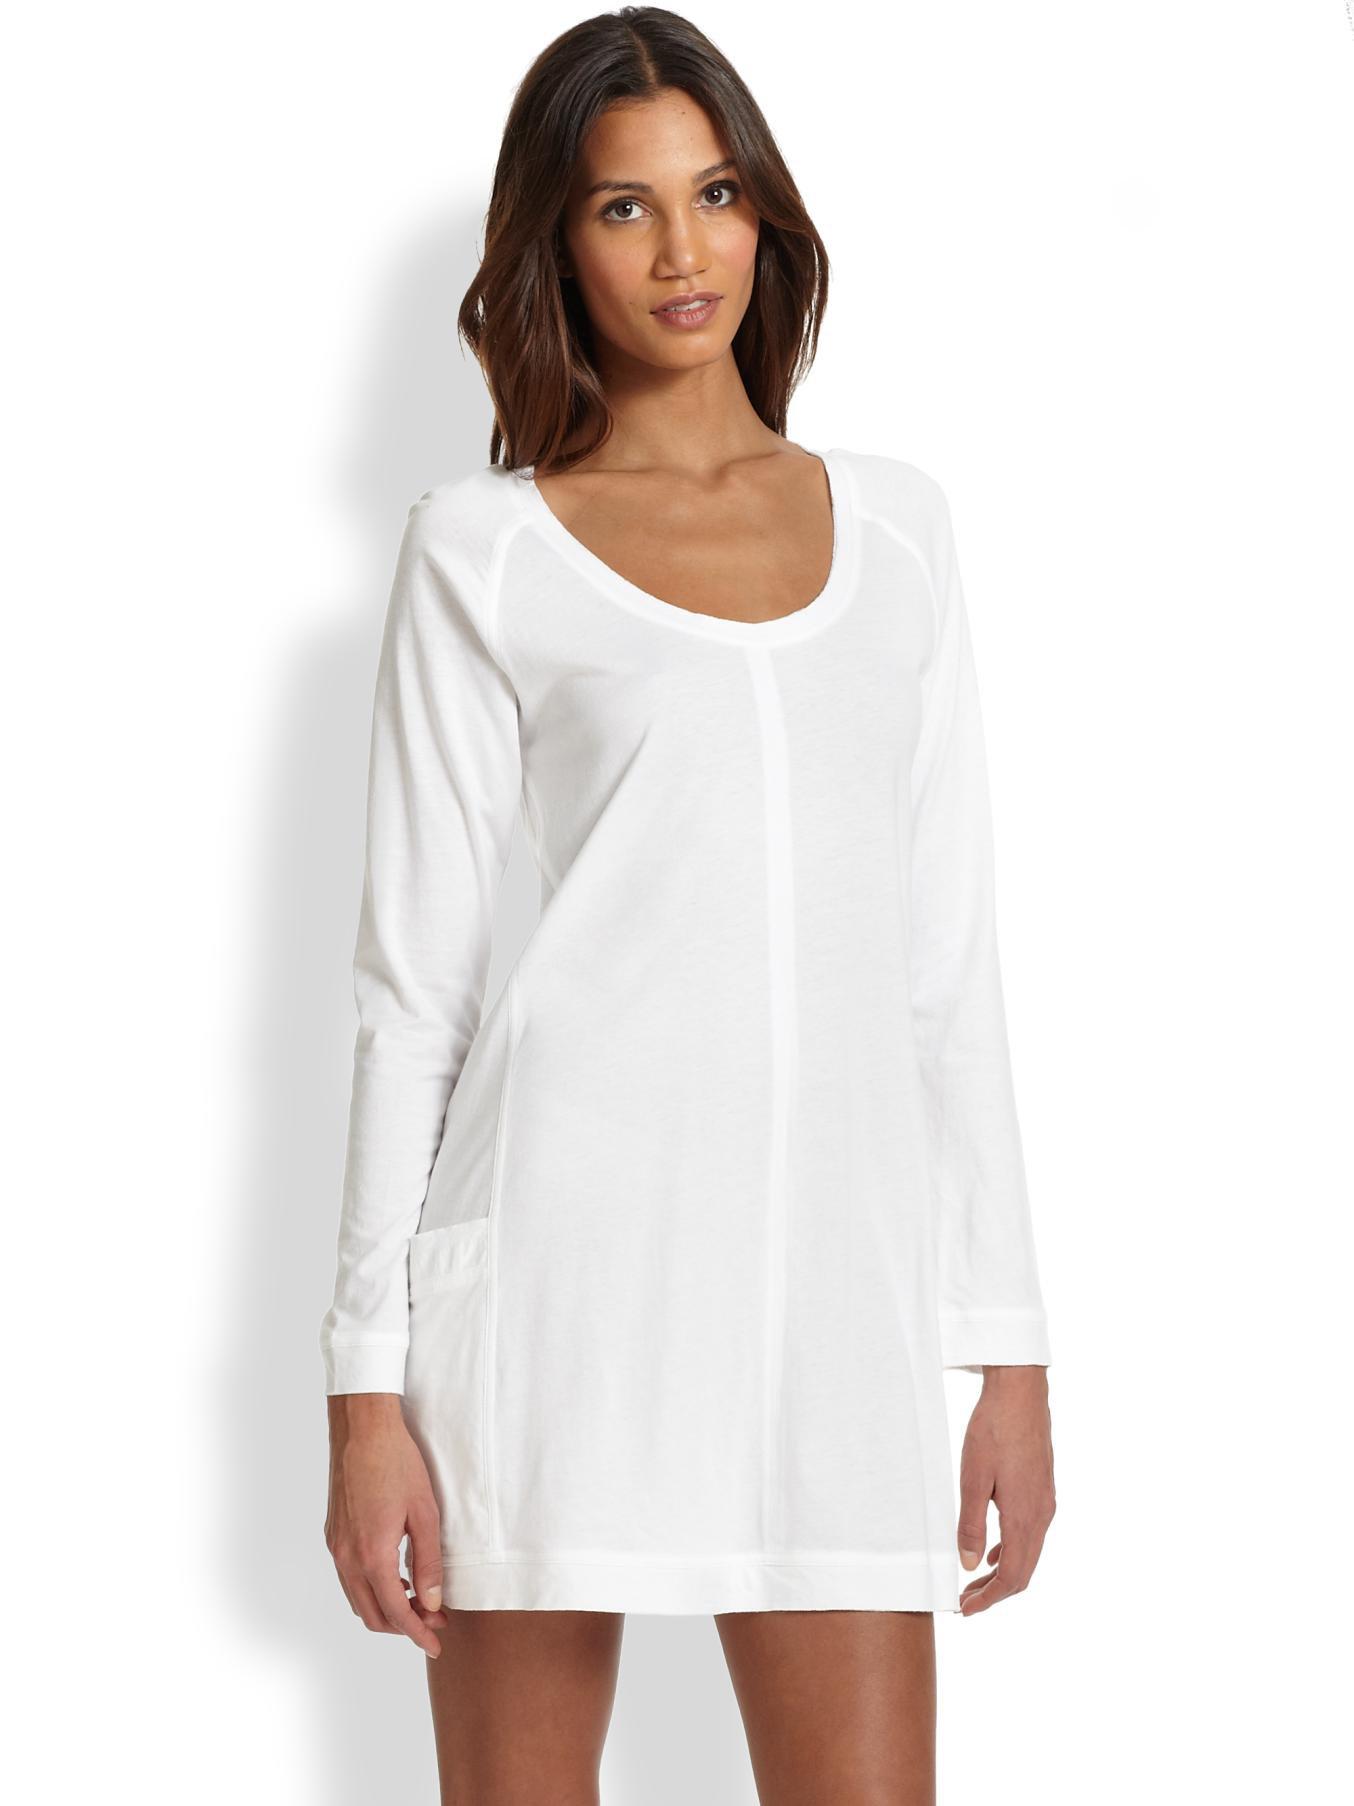 Donna karan new york sleepshirt in white lyst for Donna karan new york